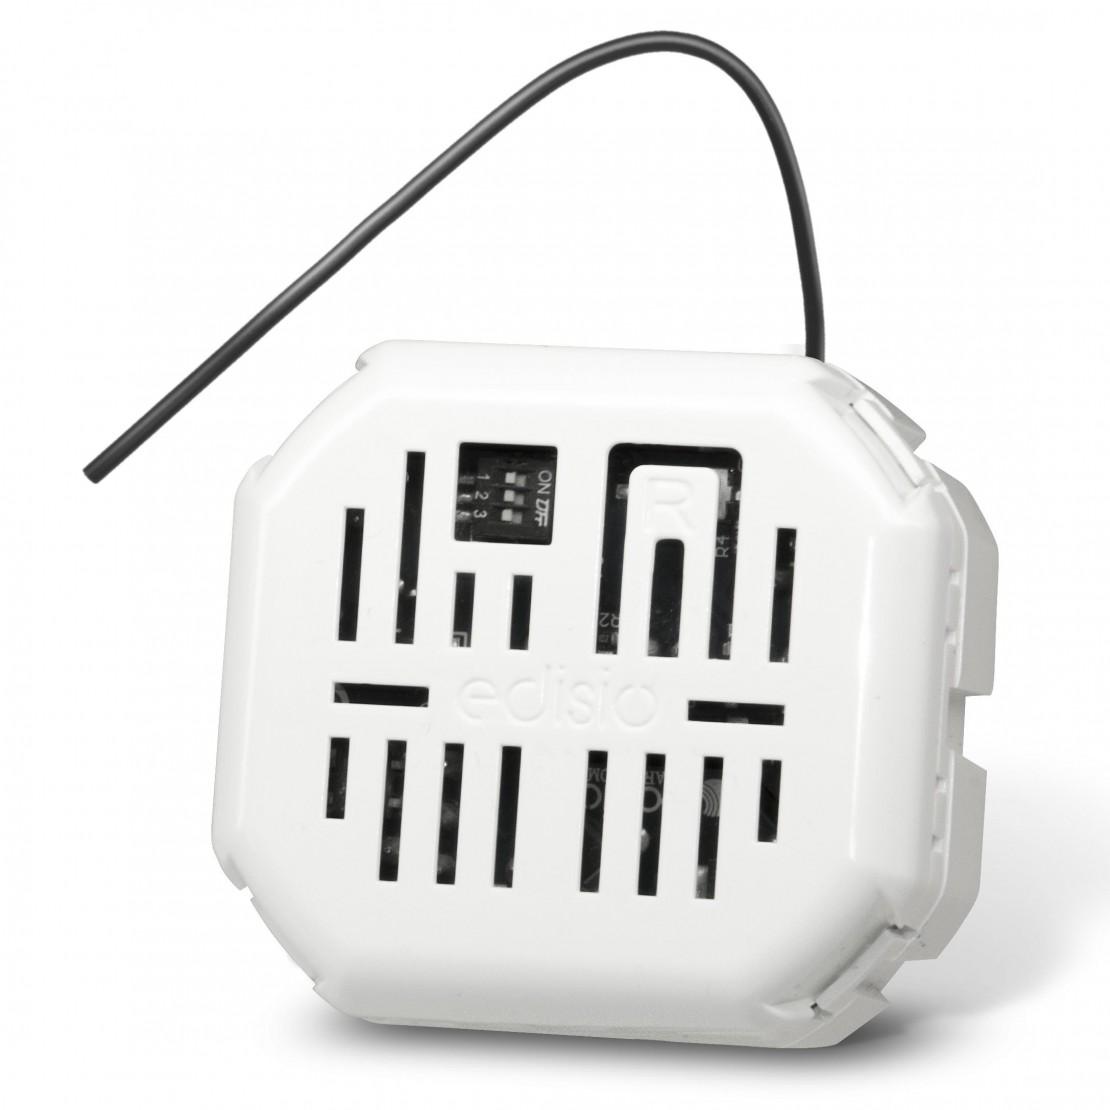 Micromodule variateur émetteur /récepteur